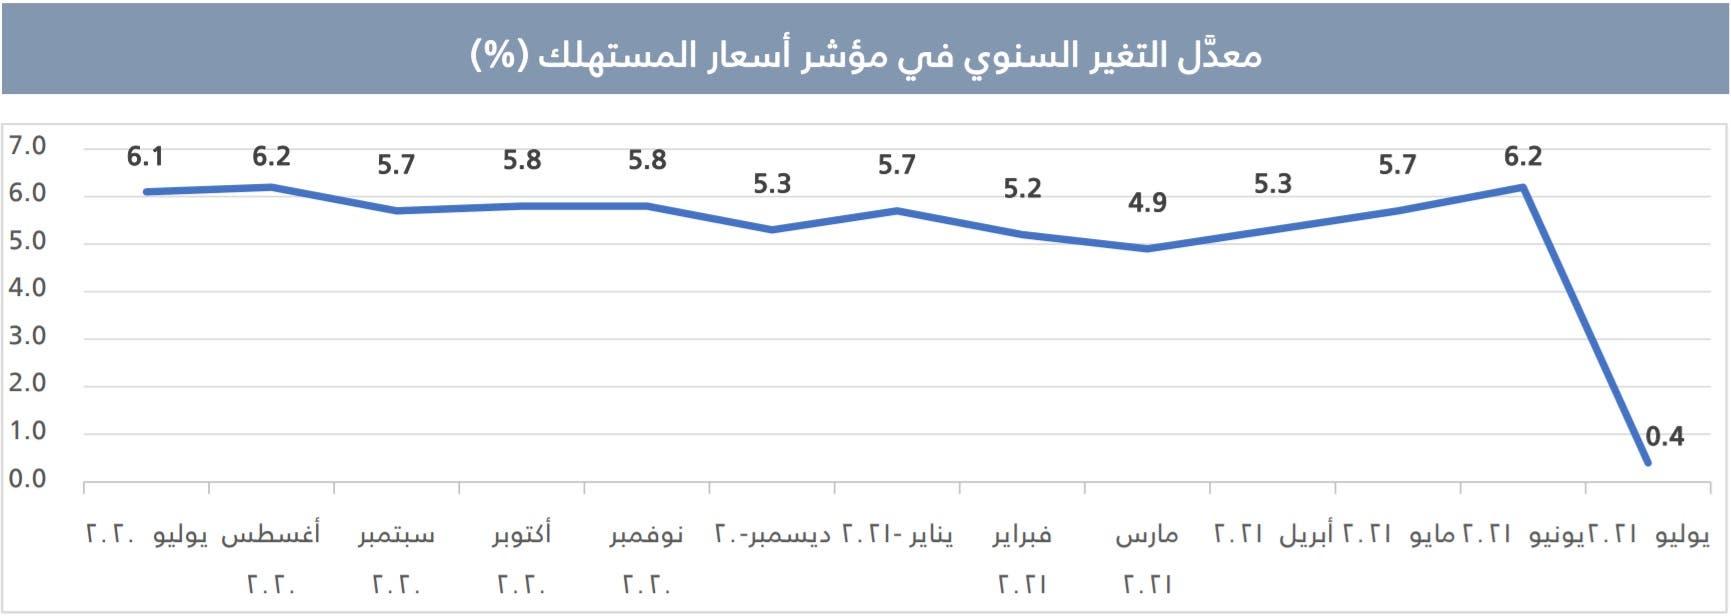 التضخم في السعودية شهر يوليو